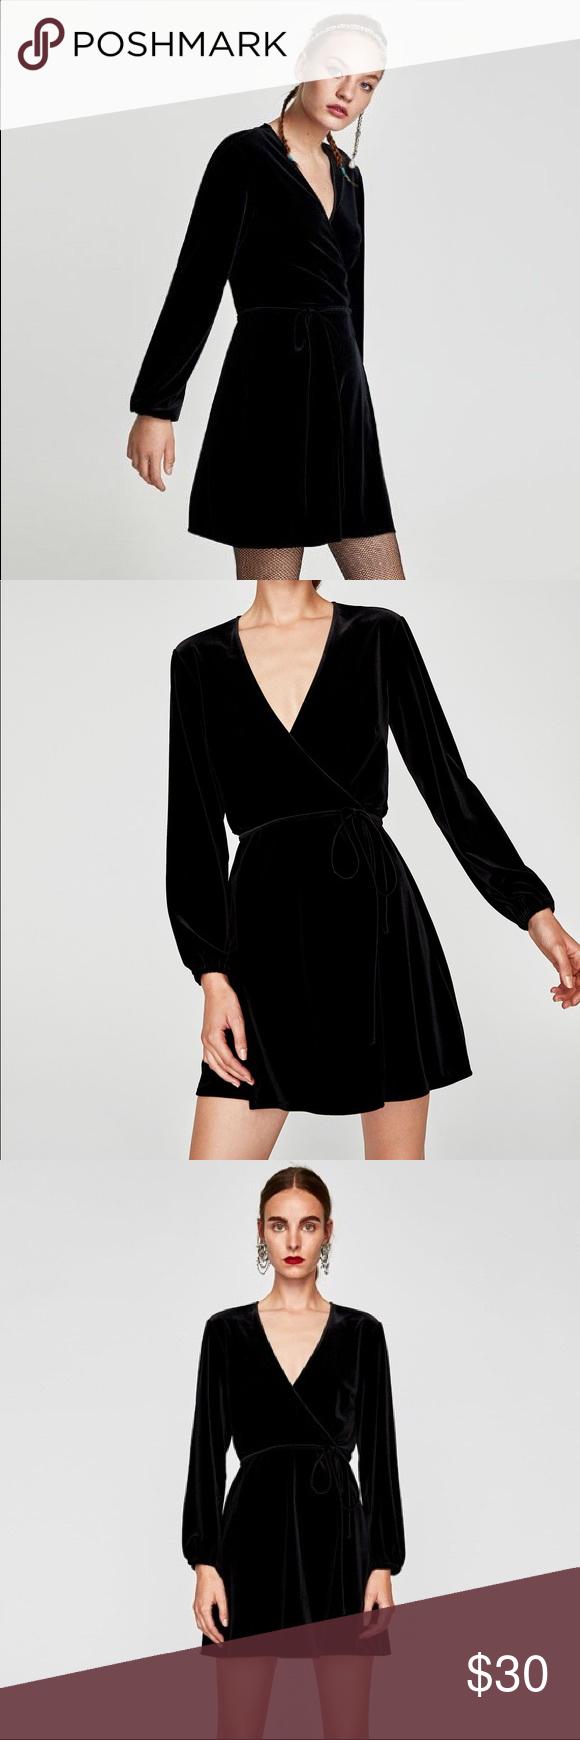 Zara Black Velvet Wrap Dress Size M Dresses Zara Velvet Dress Zara Black